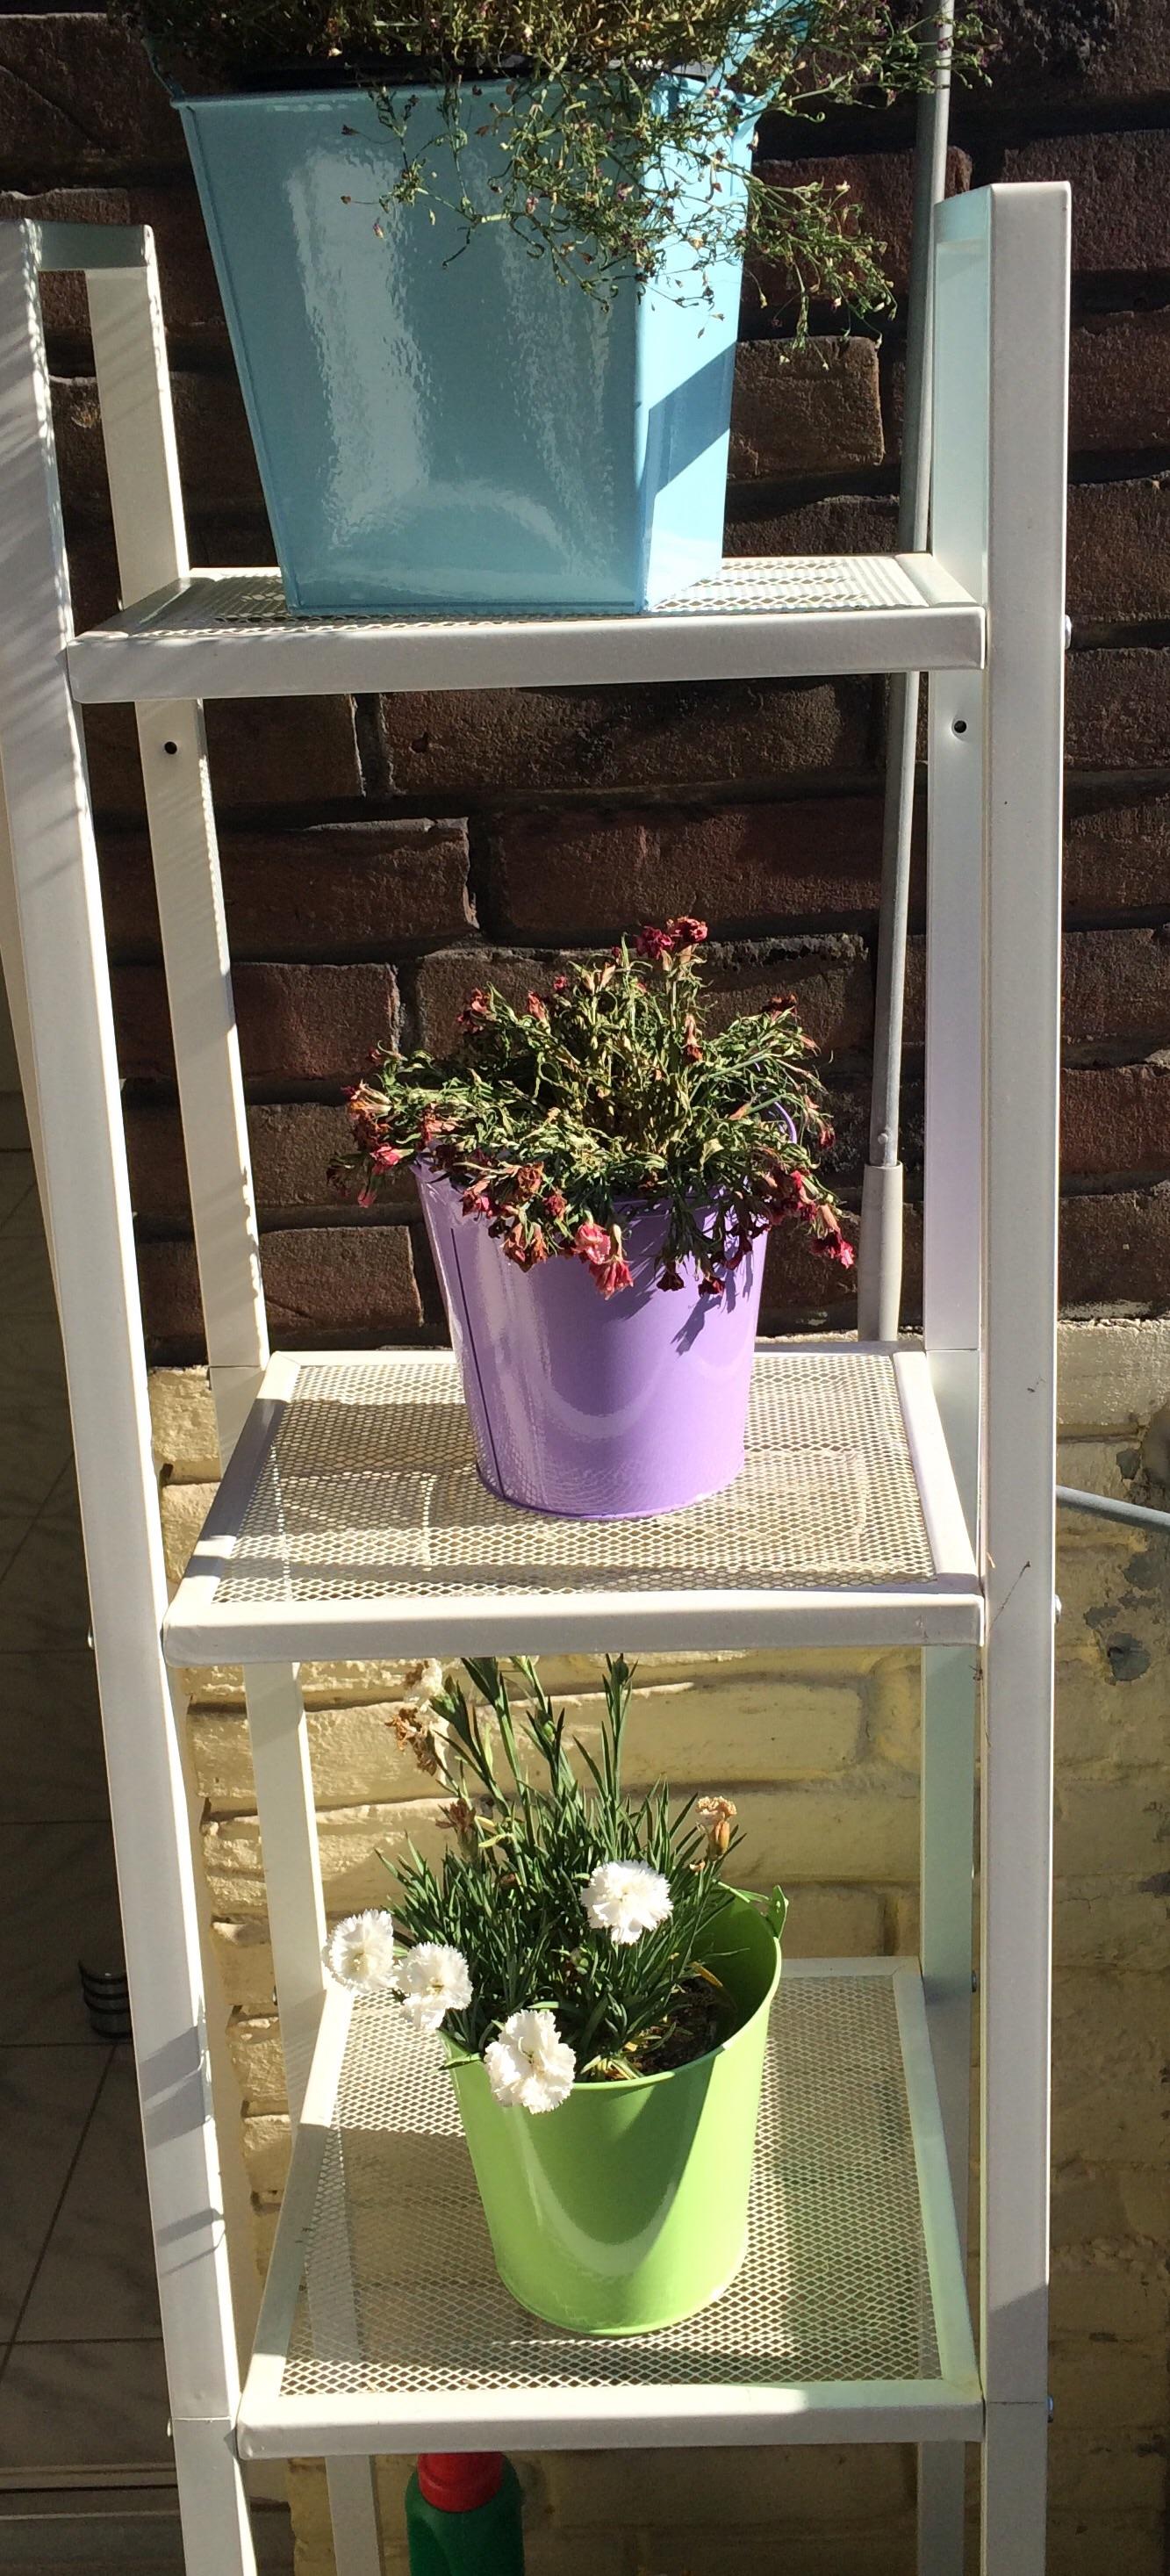 kann man vertrocknete nelken balkonpflanzen retten wenn ja was muss ich tun. Black Bedroom Furniture Sets. Home Design Ideas